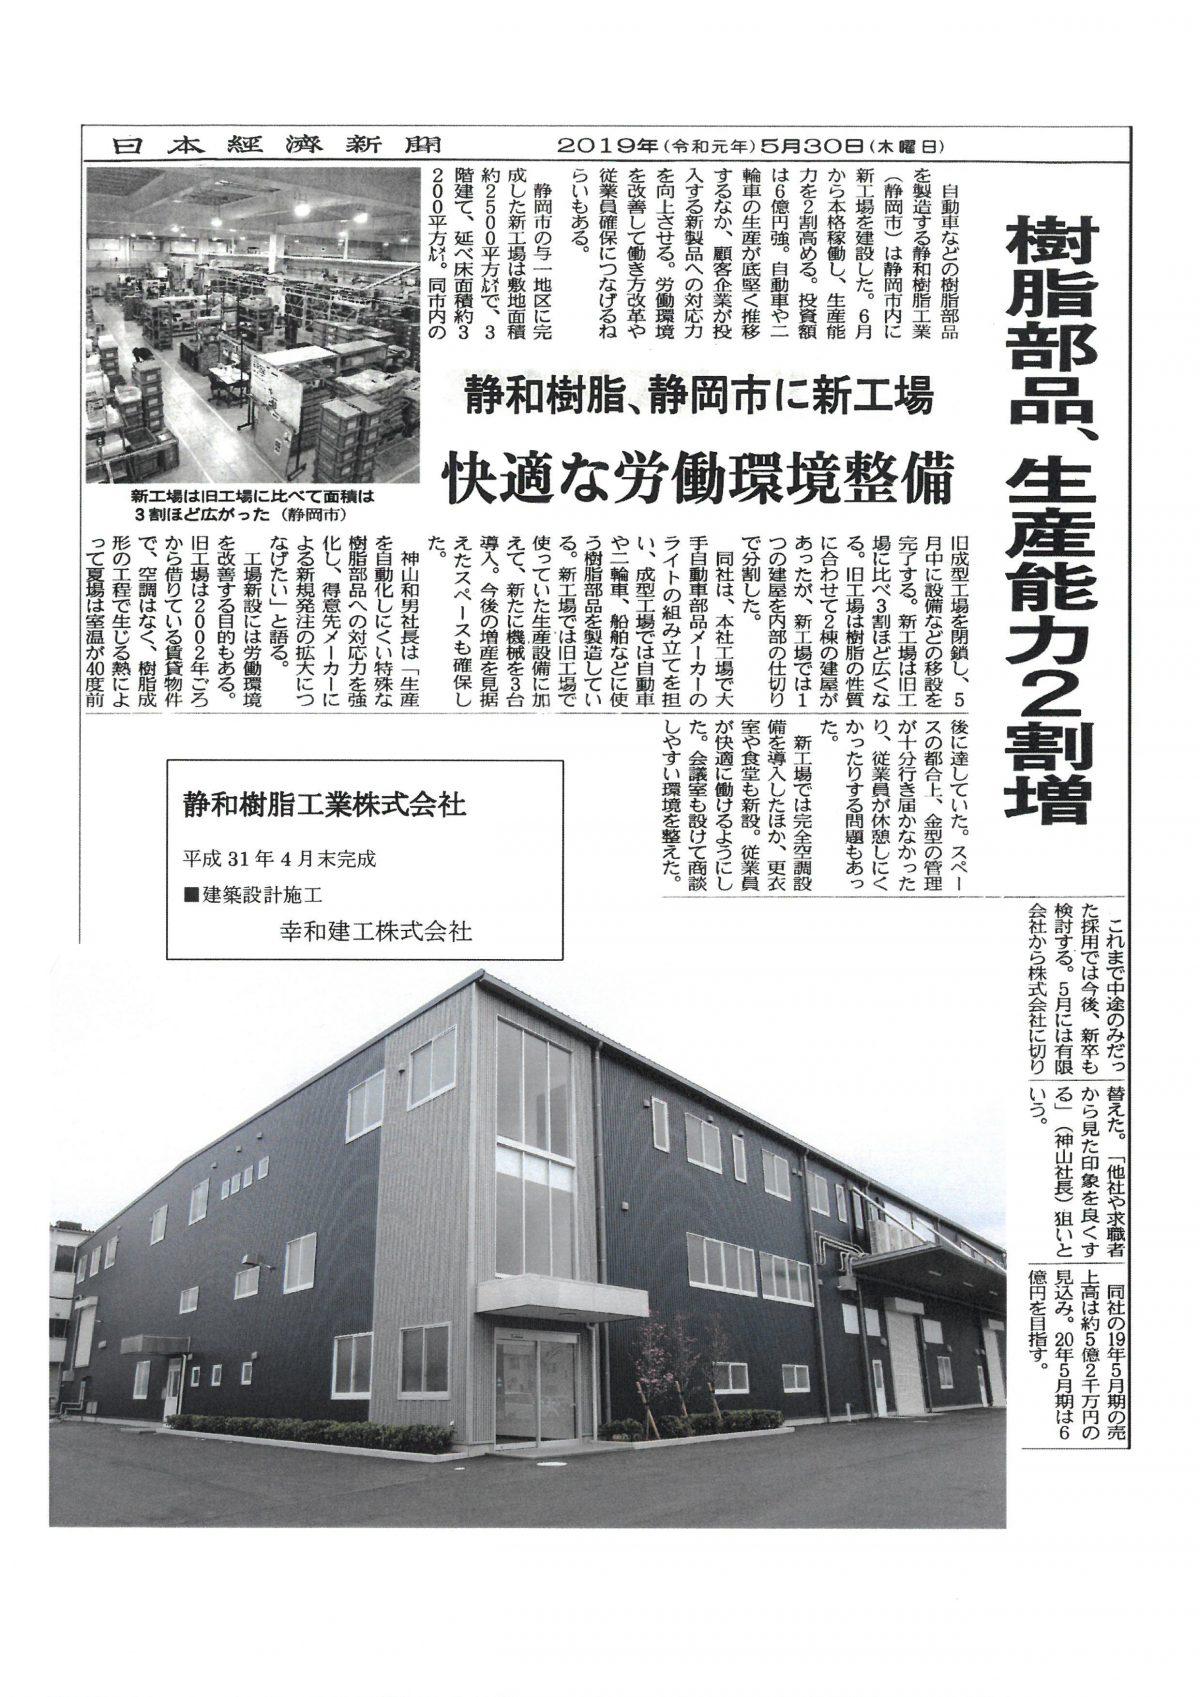 弊社 建設設計施工の静和樹脂工業株式会社様が記事掲載されました